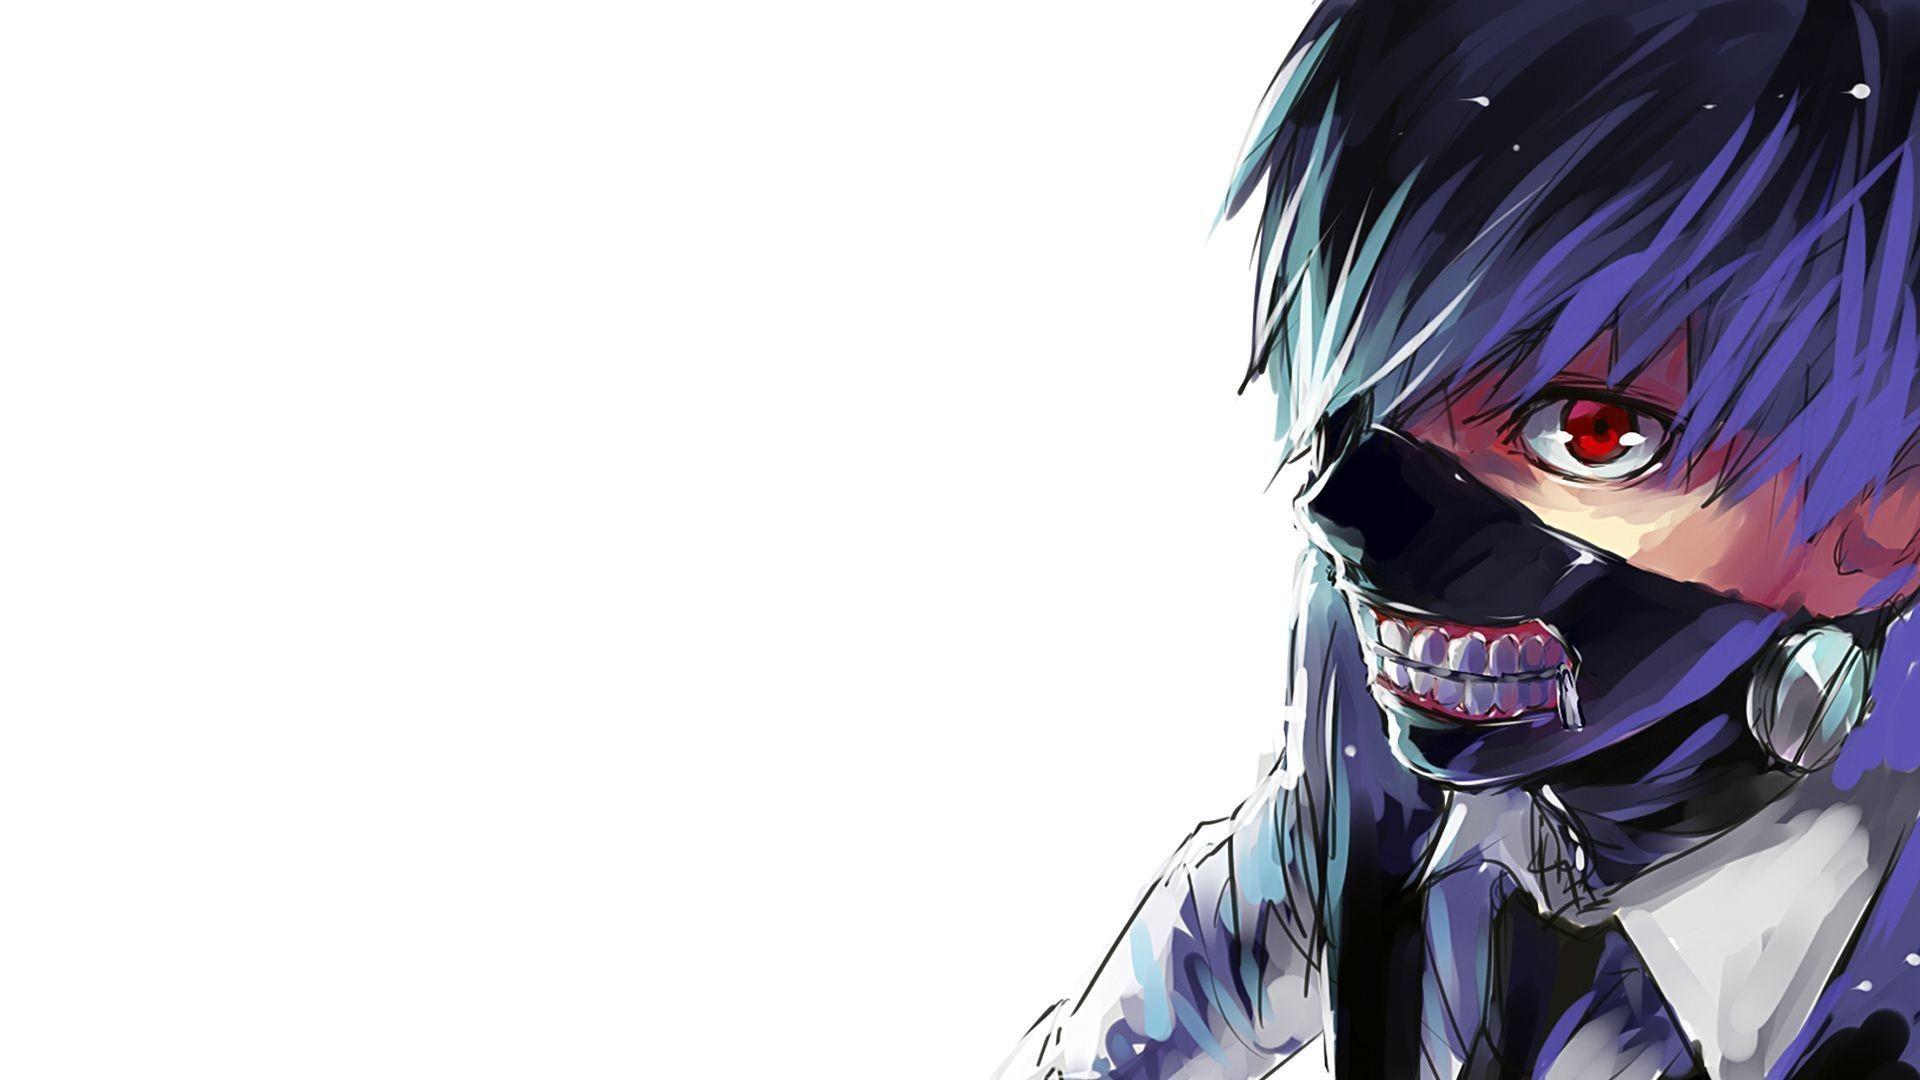 Tokyo Ghoul – Kaneki Ken Computer Wallpapers, Desktop Backgrounds .